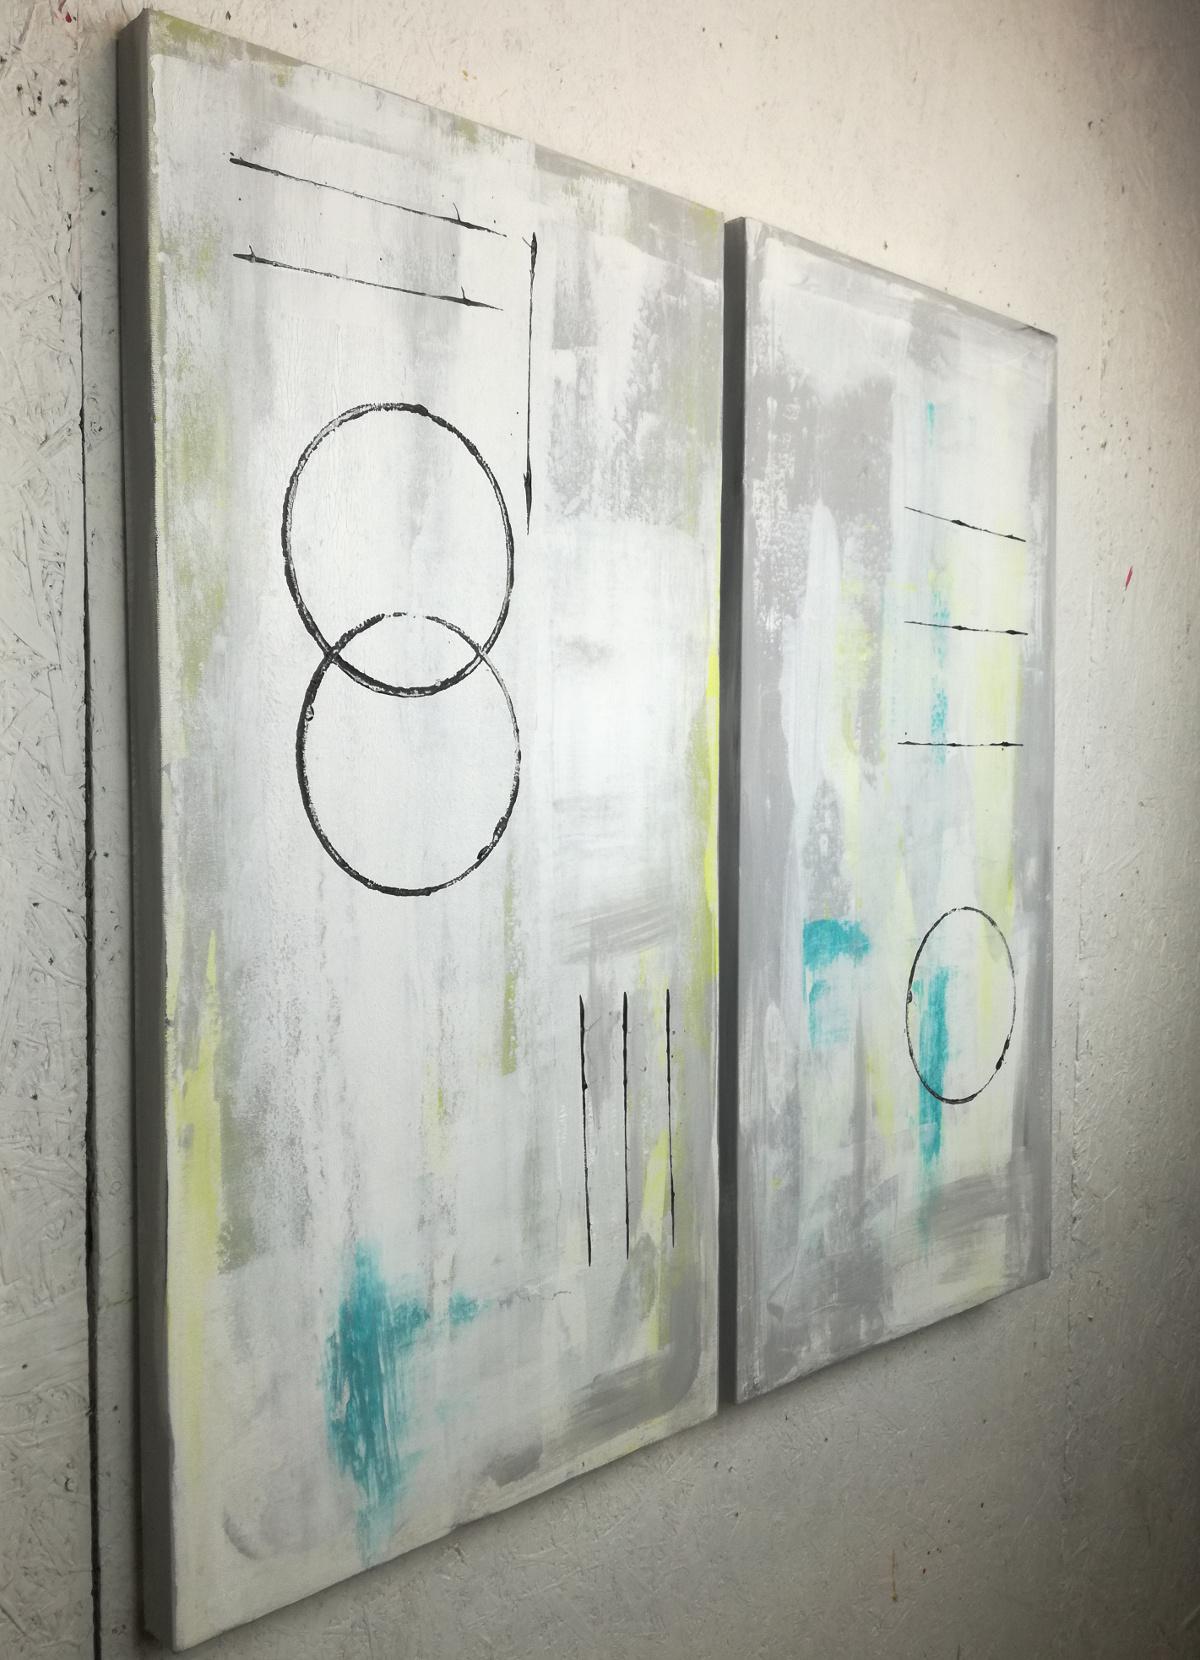 astratto moderno c020 - quadro astratto geometrico due tele 100x50x4 cm